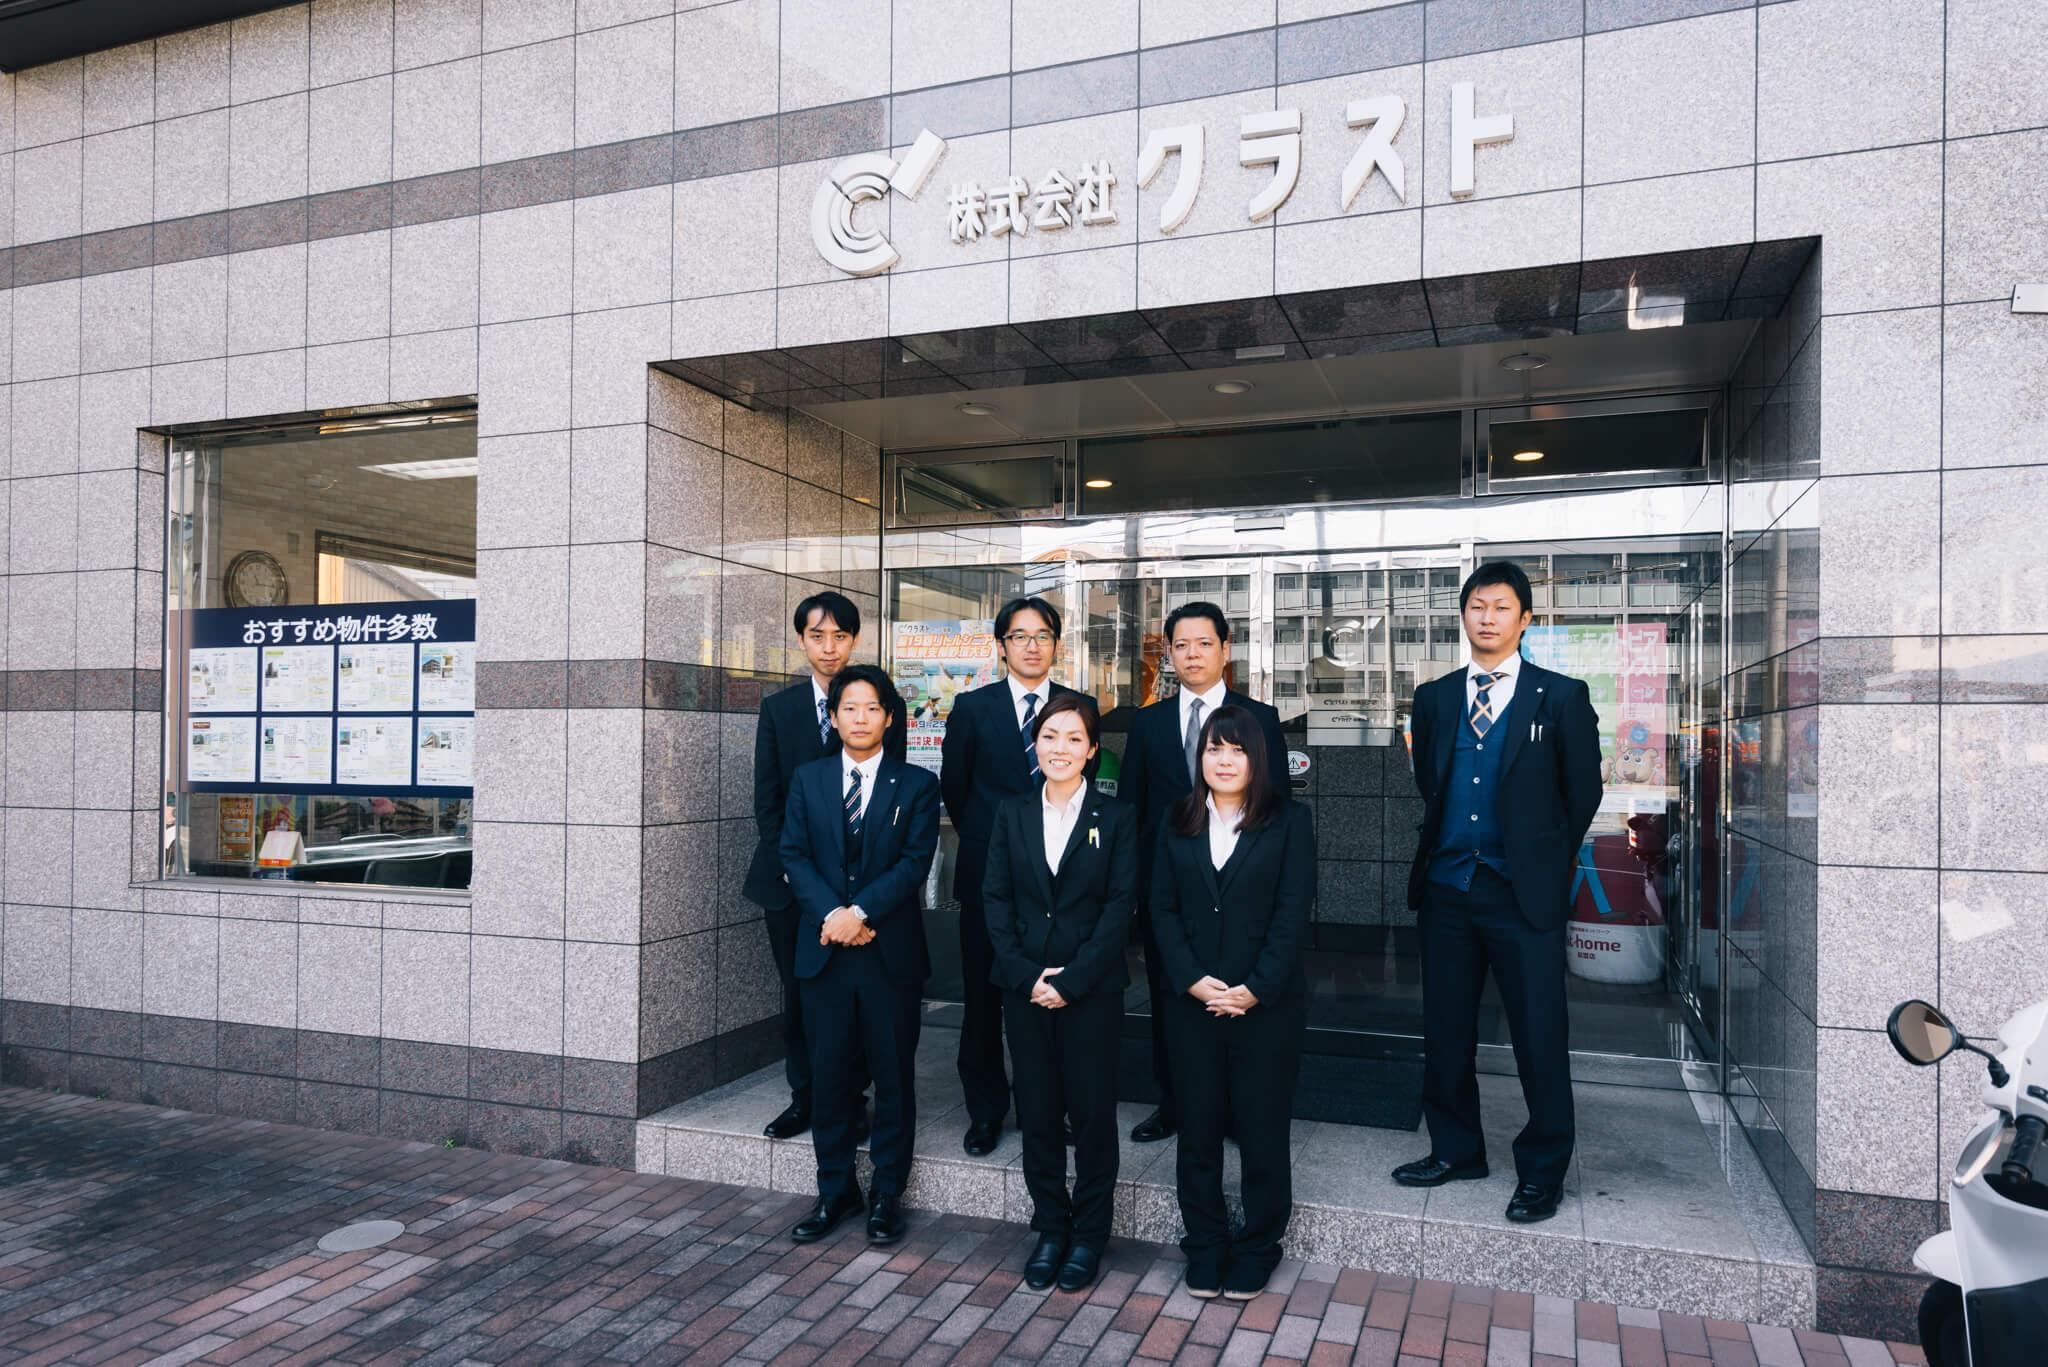 橋本駅から徒歩7分の立地のテクトピア相模原店。スタッフの皆様が迎えてくださいました。